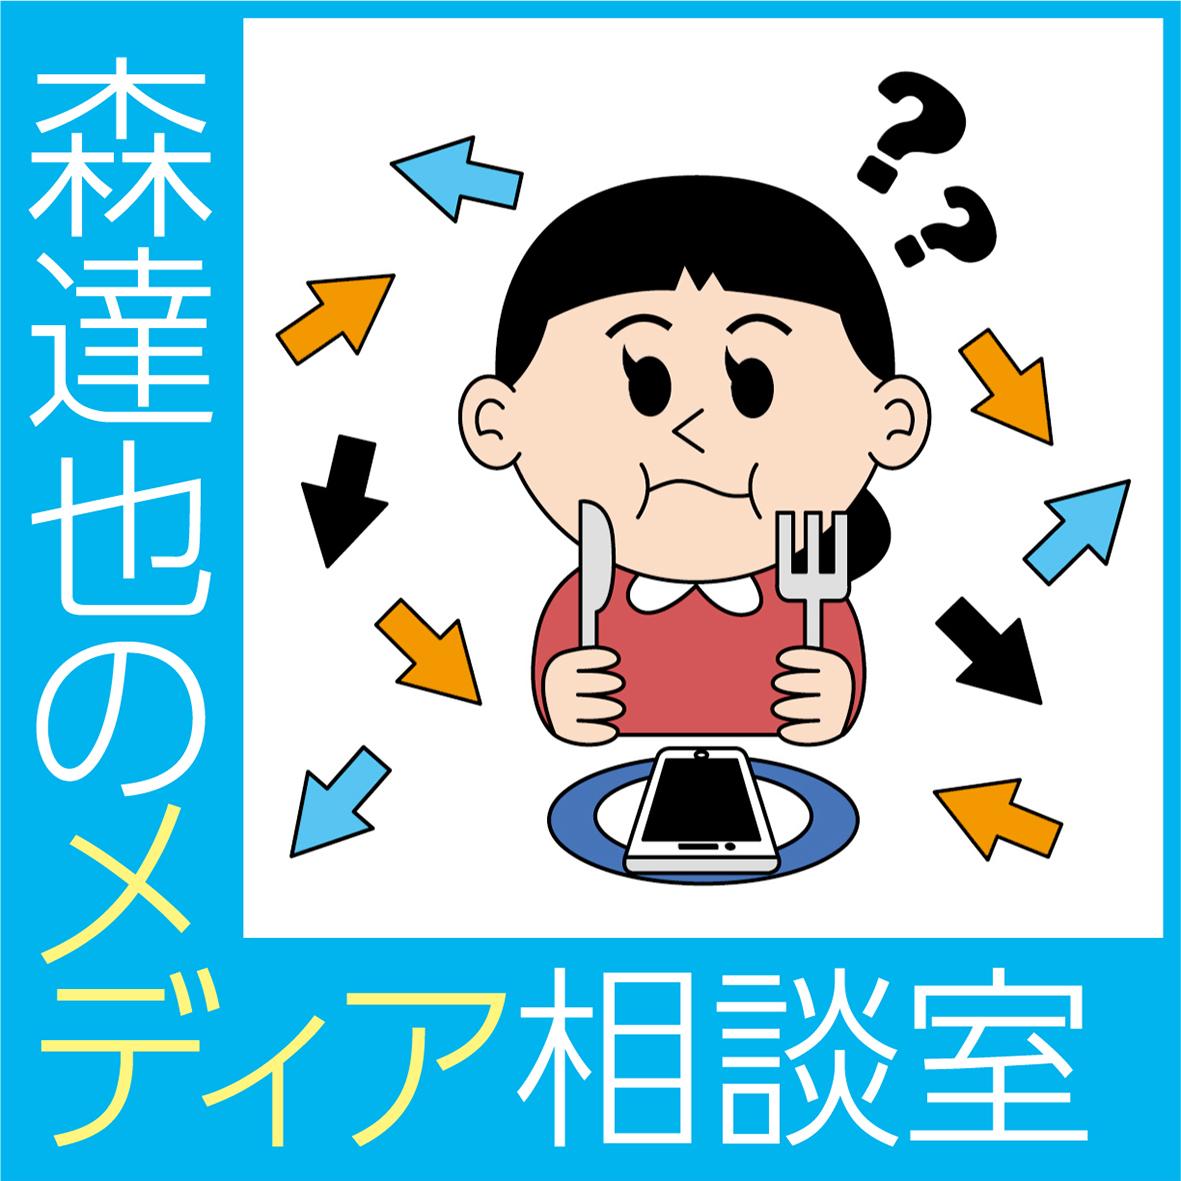 #16 日本の民主主義はいつまで続くと思いますか?